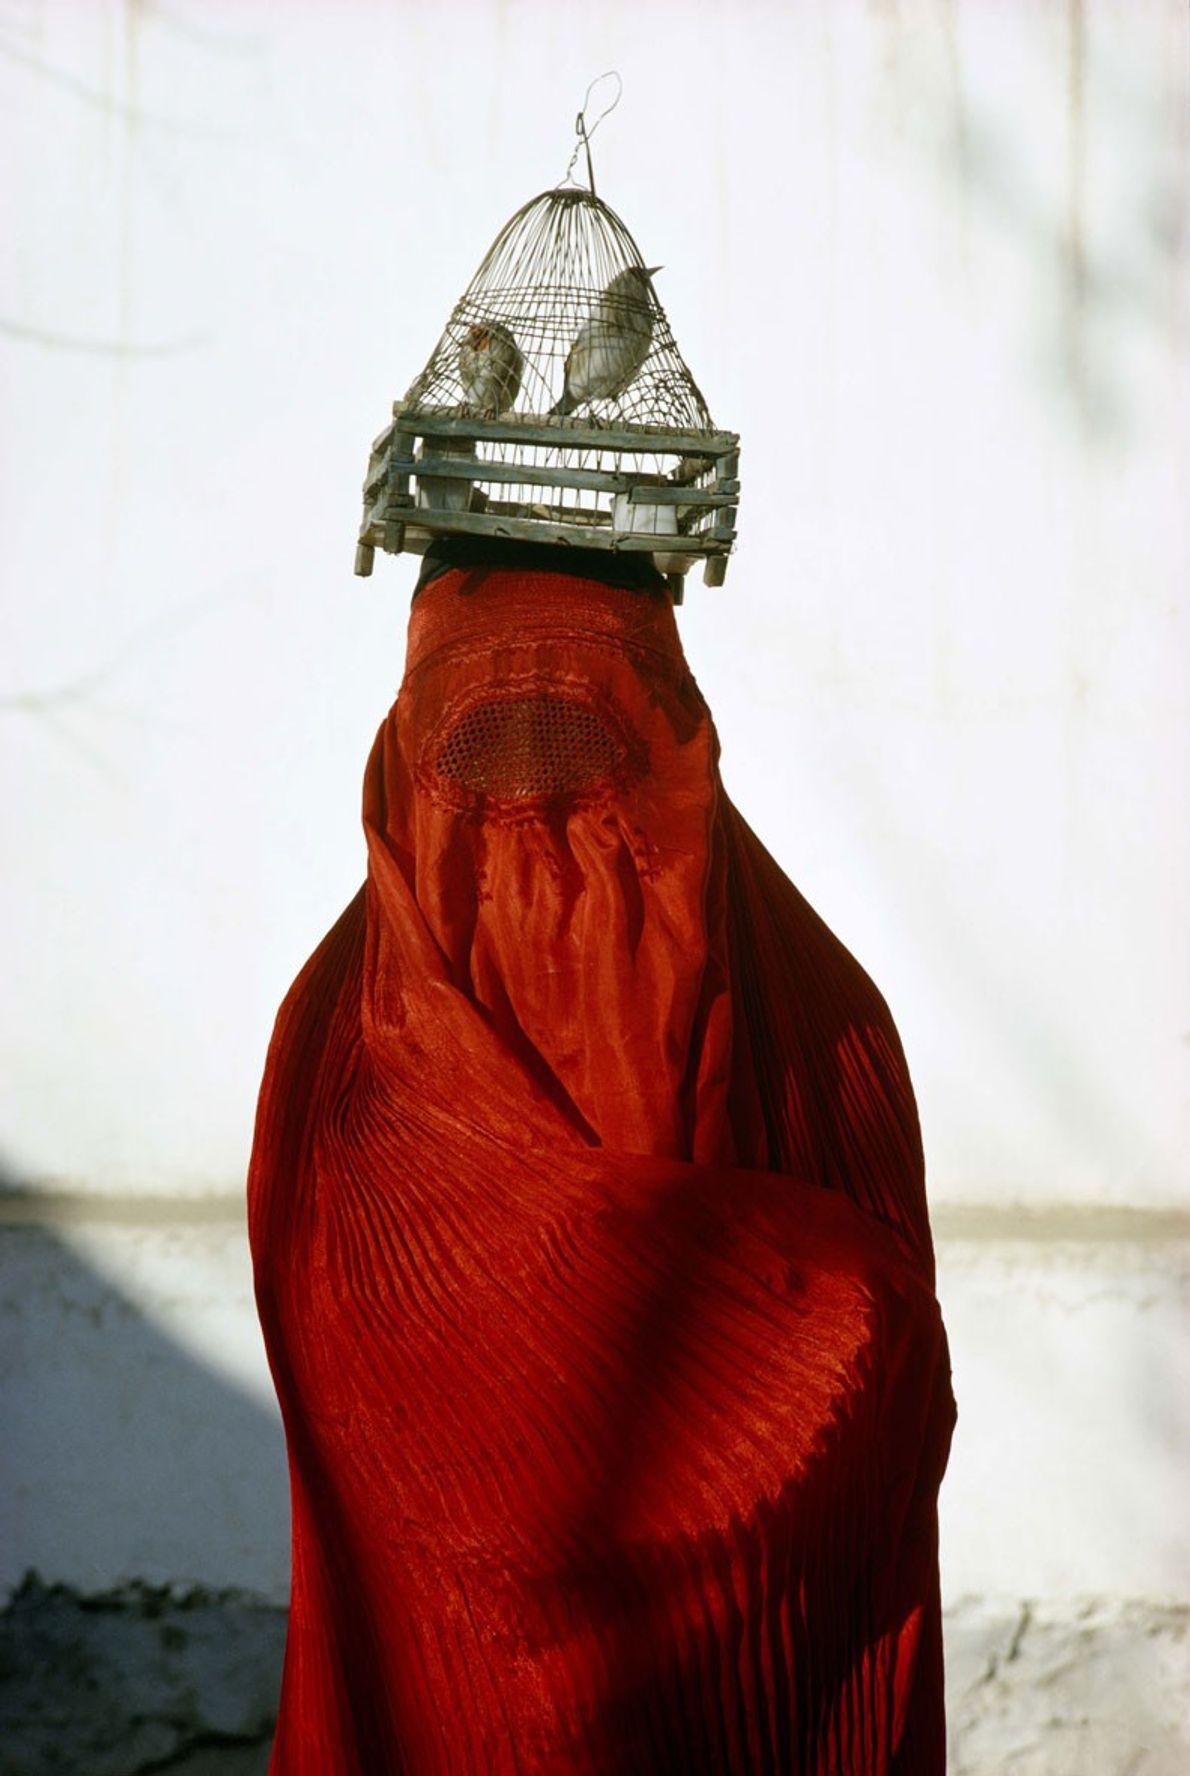 Una mujer vestida con un chadri rojo (una vestimenta tradicional islámica para cubrirse), lleva jilgueros sobre ...